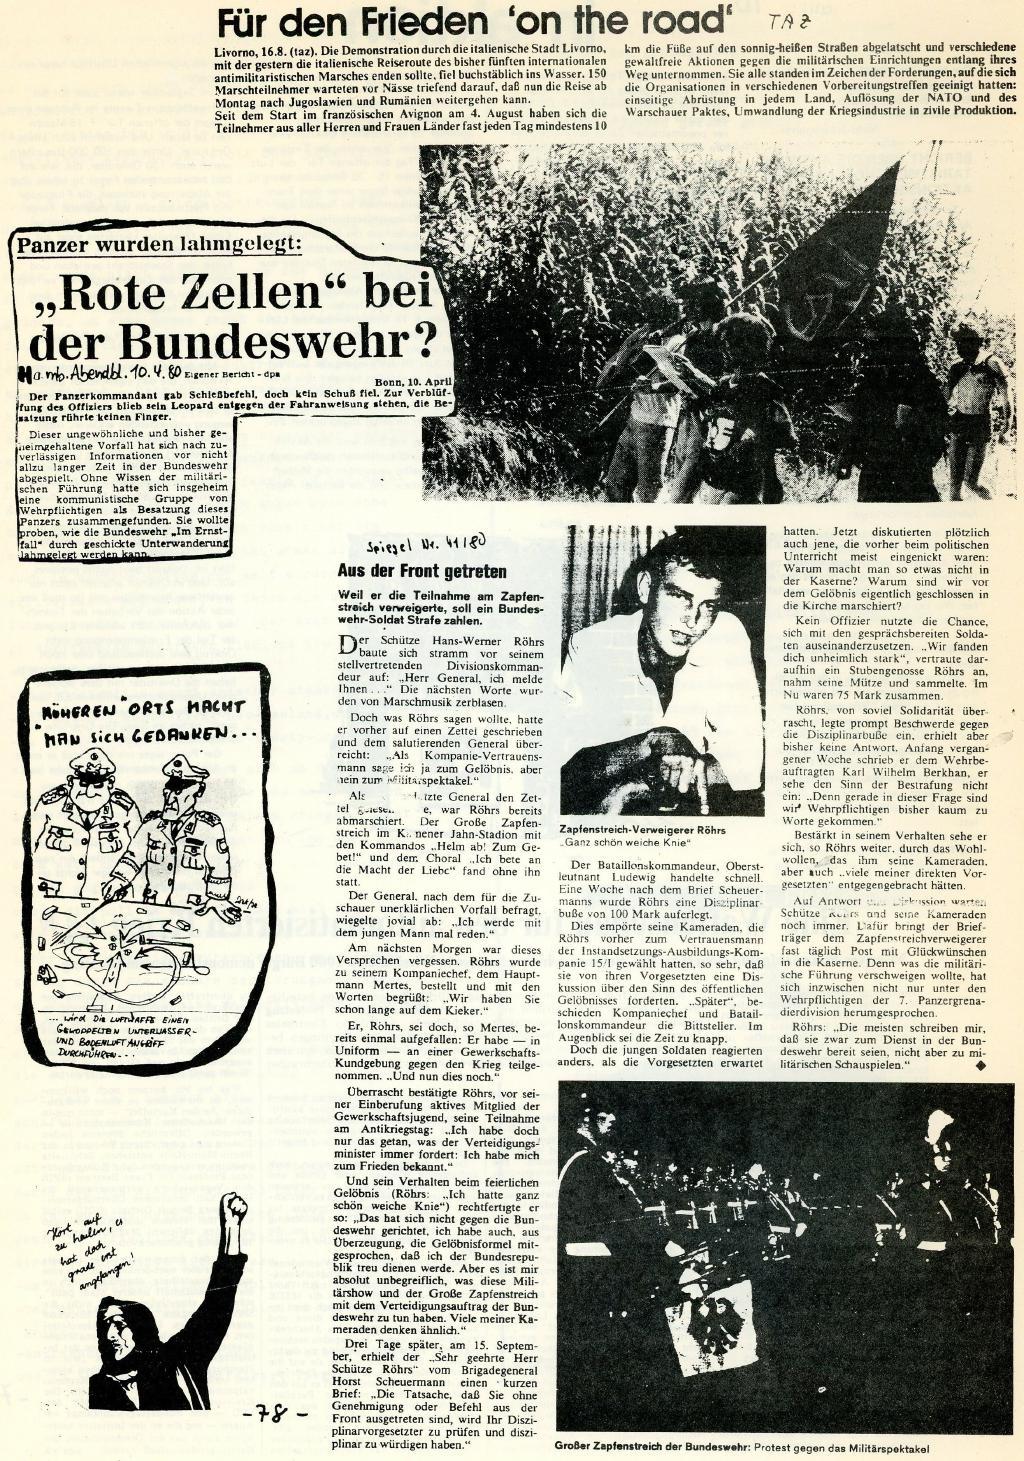 Bremen_1980_NATO_Broschuere_78